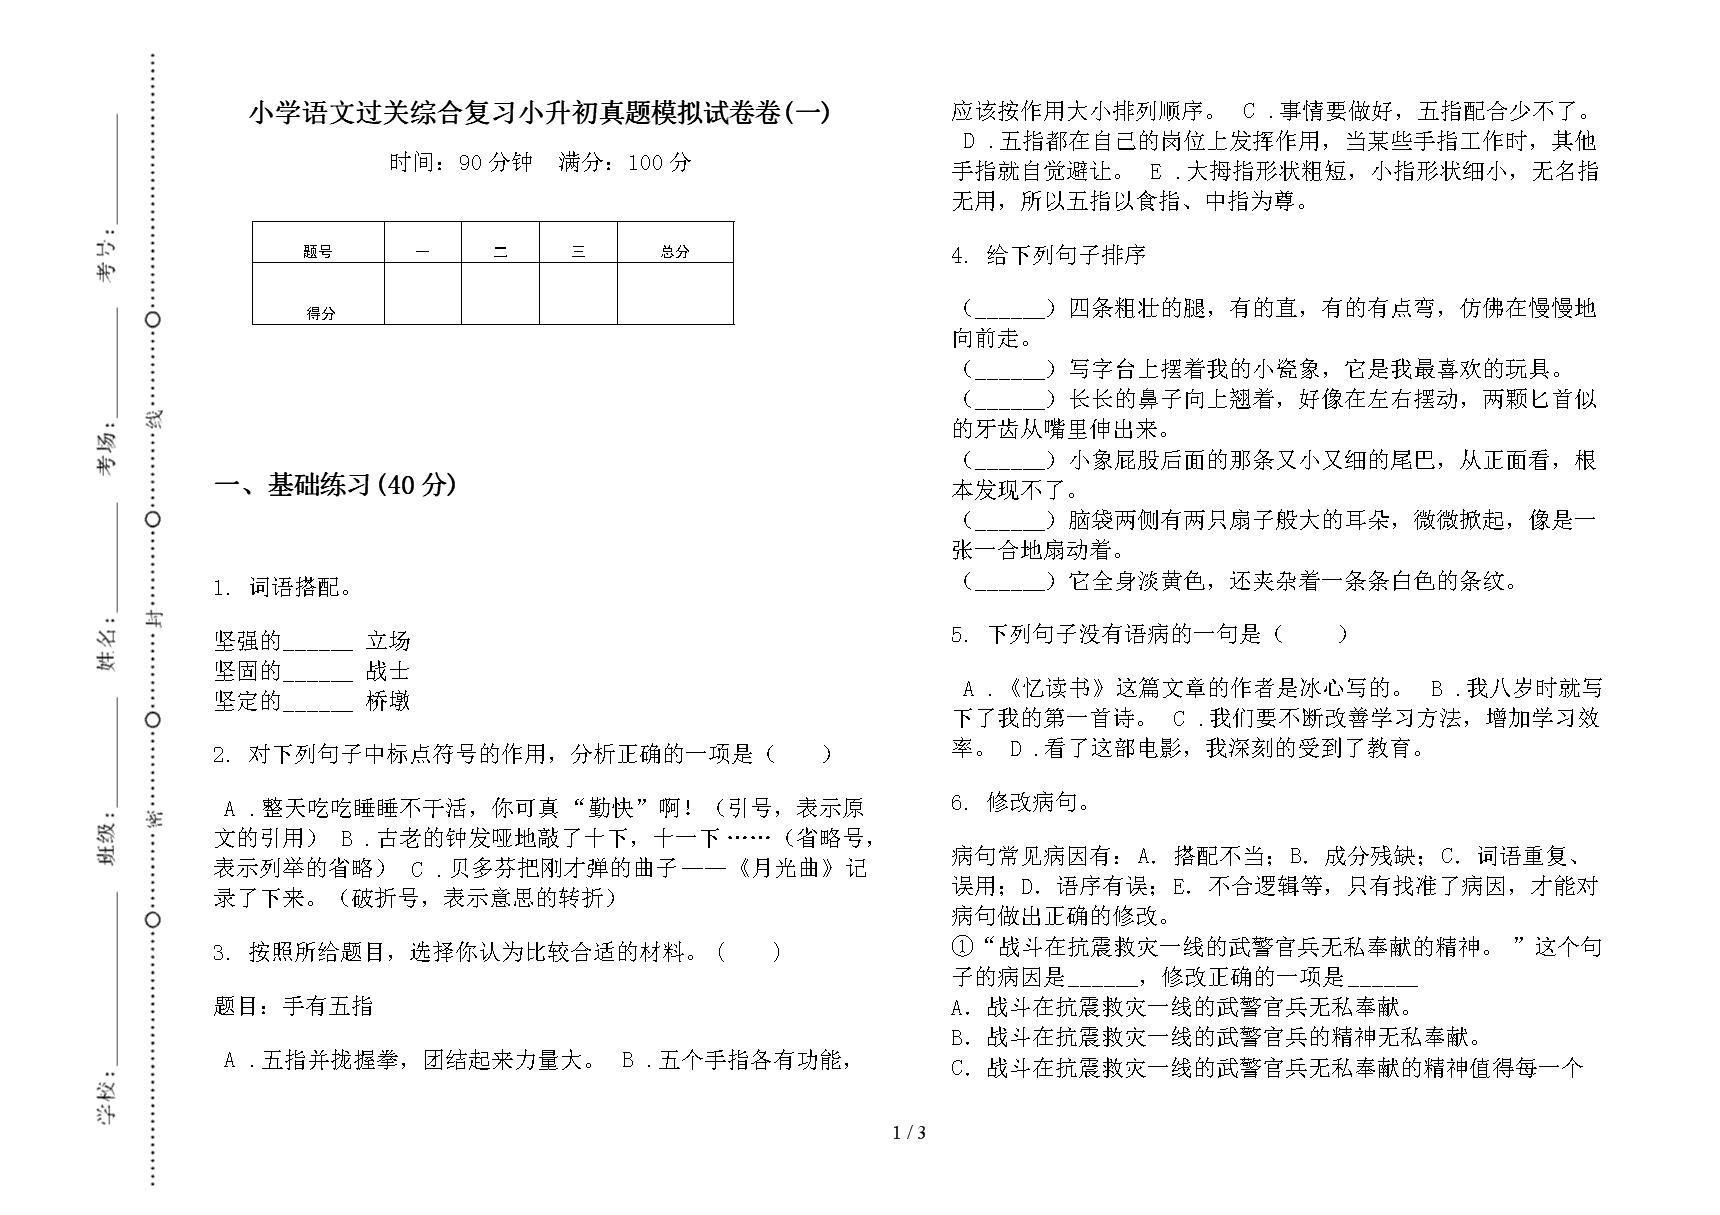 小学语文过关综合复习小升初真题模拟试卷卷(一).docx